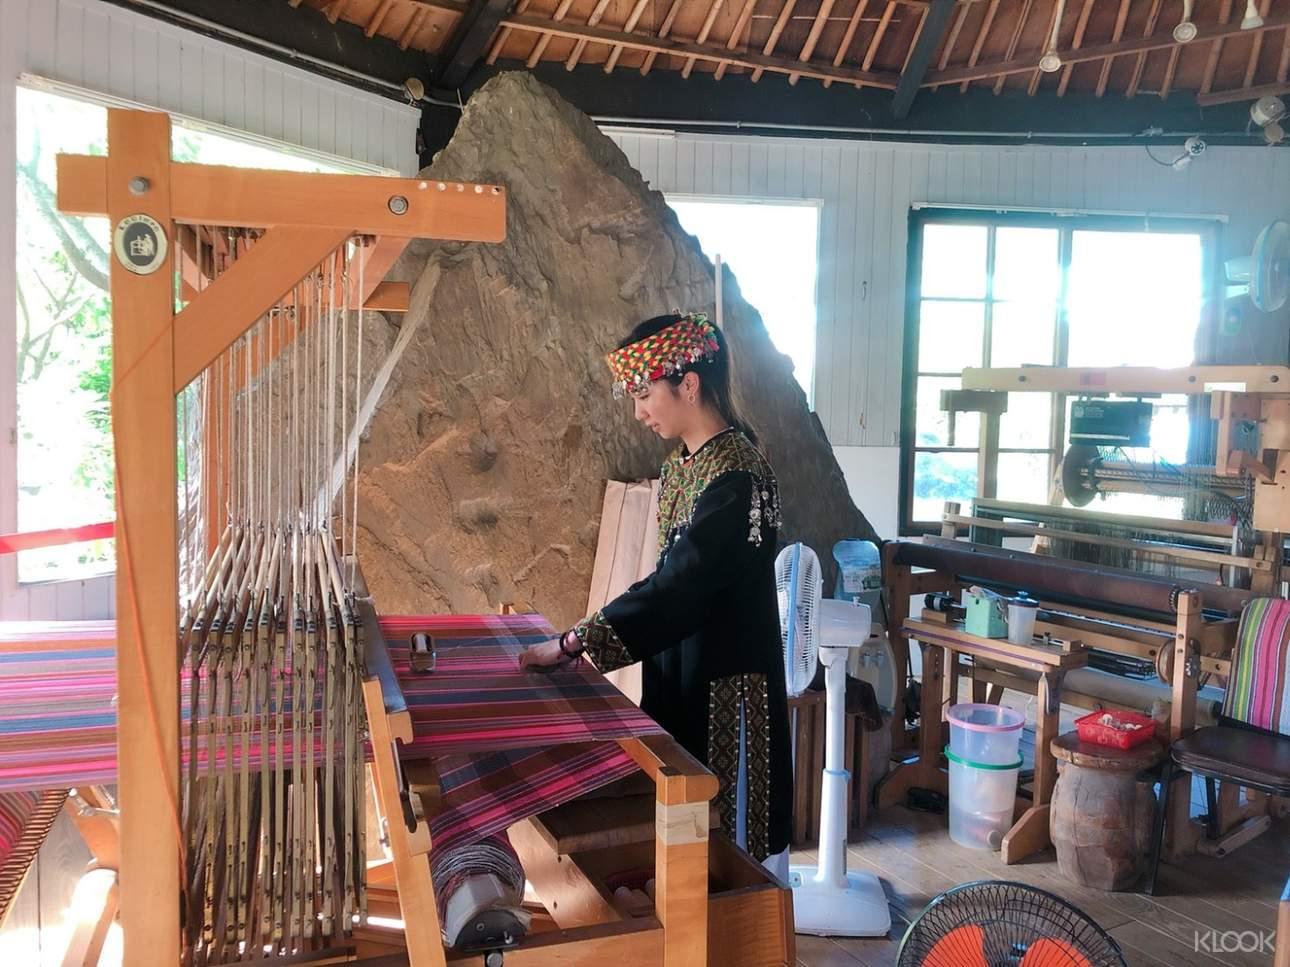 走進部落休閒農場,認識布農族傳統手工藝